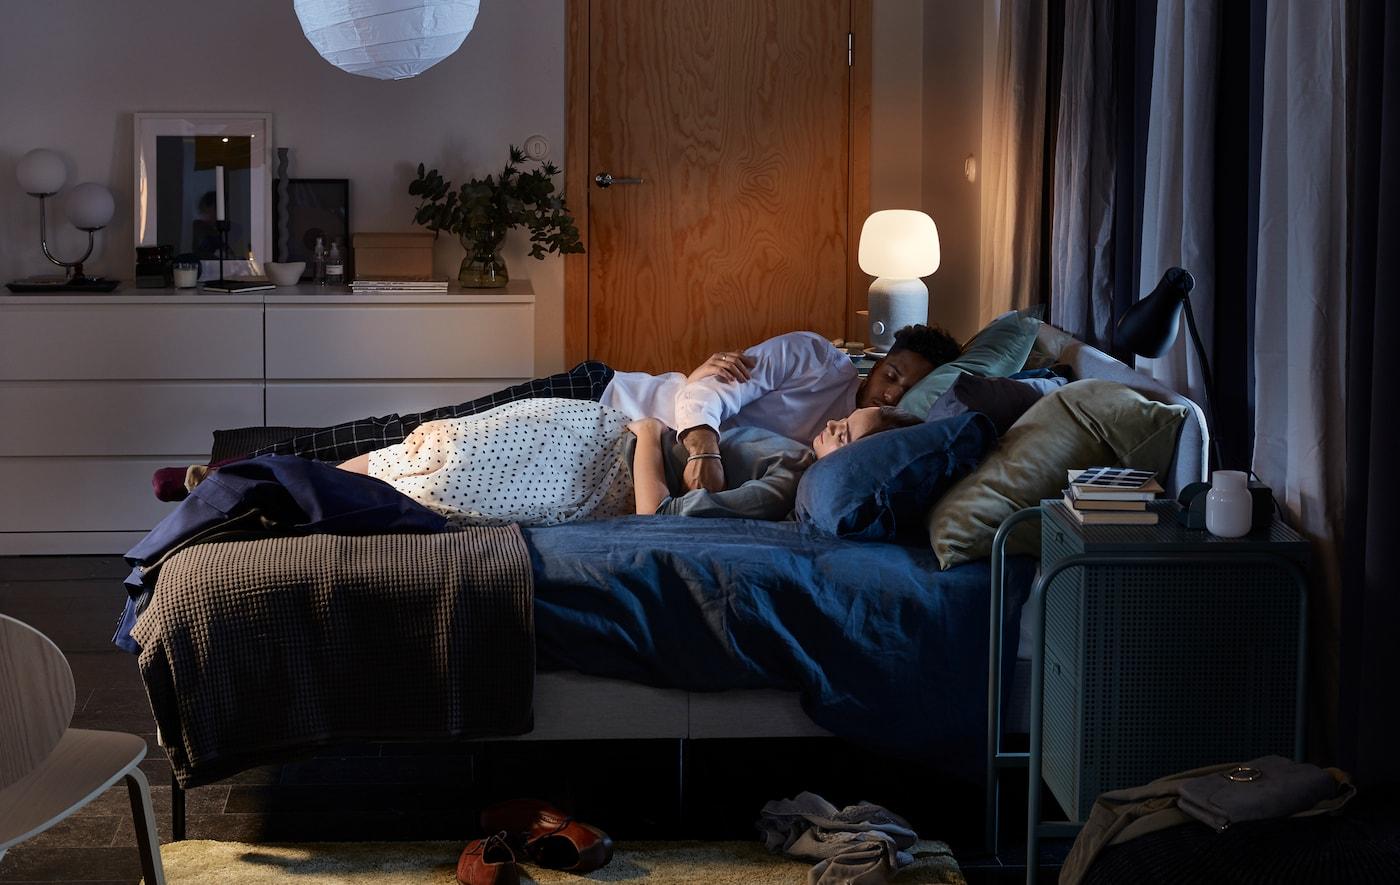 SLATTUM/スラットゥム 布張りベッドでカップルが添い寝しています。その後ろをSYMFONISK/シンフォニスク スピーカー付きランプの灯りがついています。